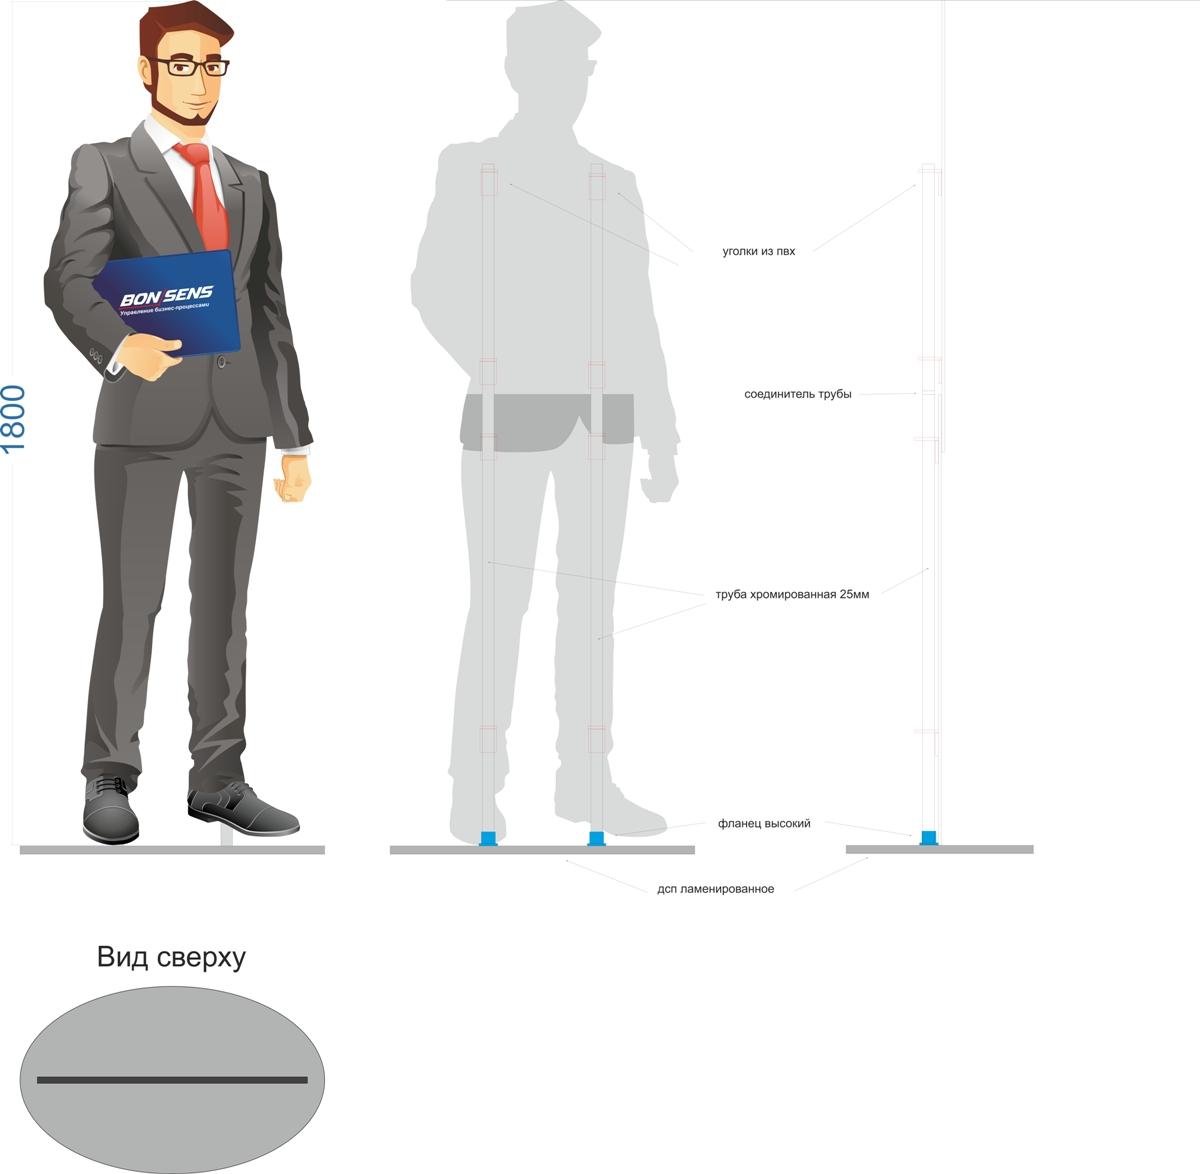 Технічні характеристики ростової фігури